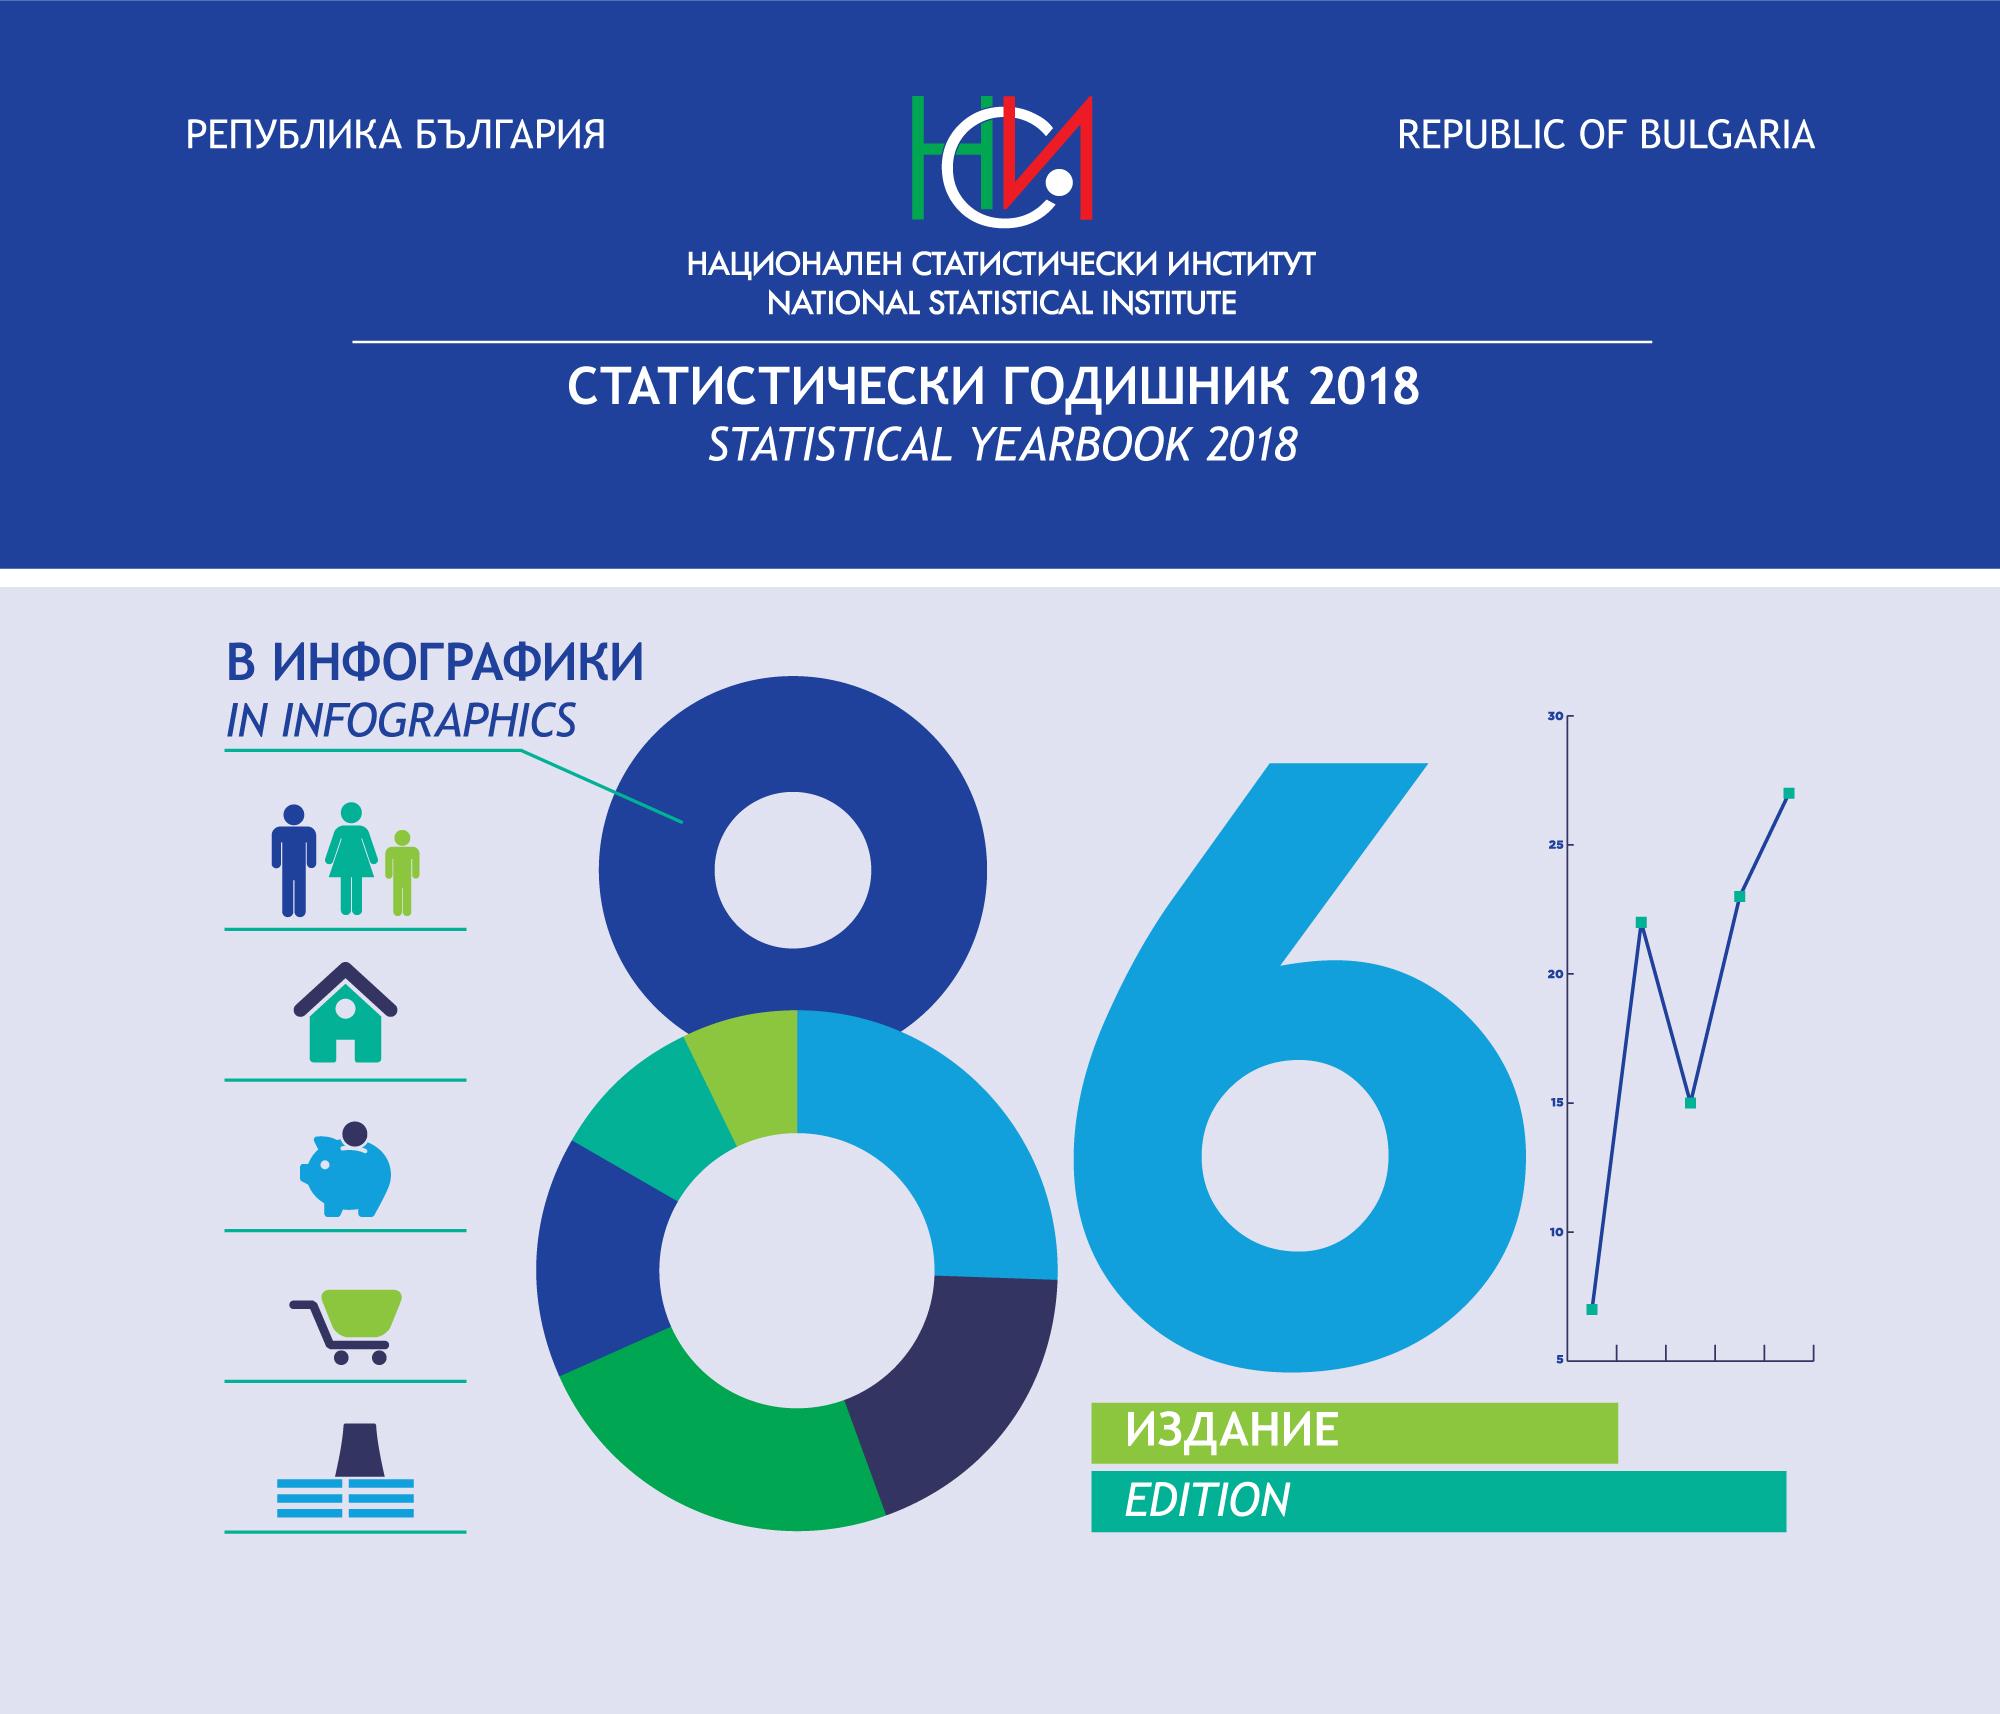 Статистически годишник 2018 в инфографики